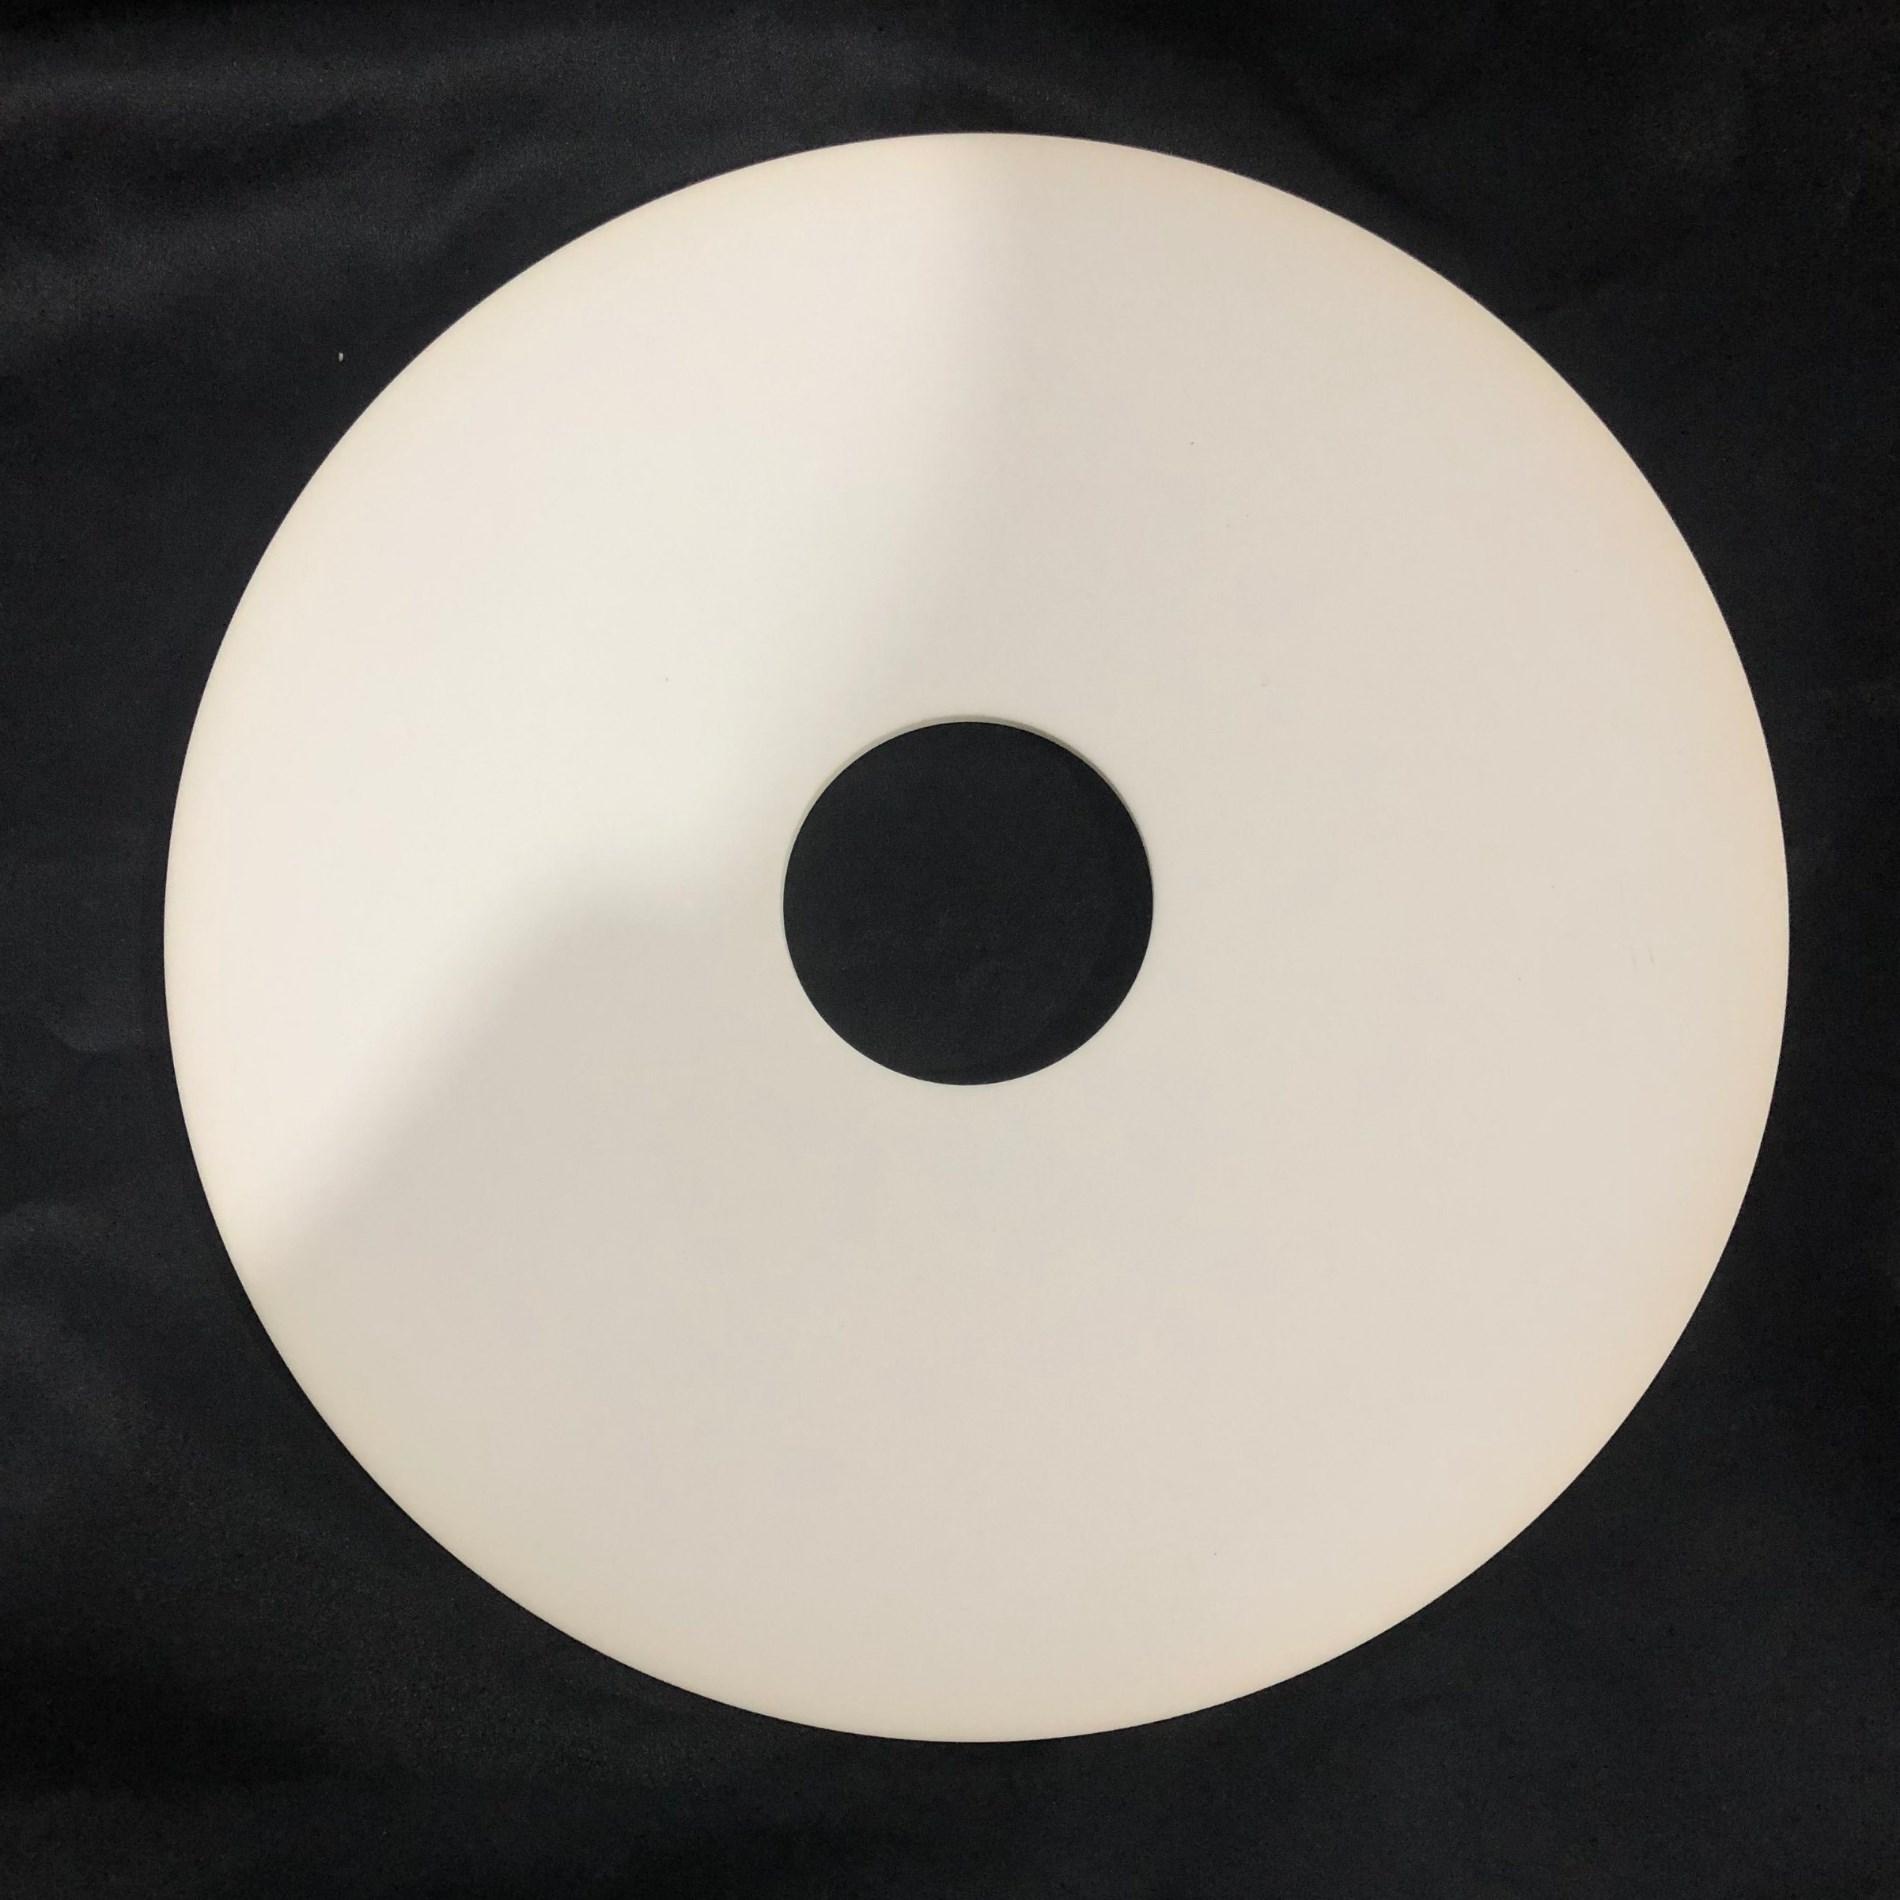 Acheter Plaque en céramique d'oxyde d'aluminium,Plaque en céramique d'oxyde d'aluminium Prix,Plaque en céramique d'oxyde d'aluminium Marques,Plaque en céramique d'oxyde d'aluminium Fabricant,Plaque en céramique d'oxyde d'aluminium Quotes,Plaque en céramique d'oxyde d'aluminium Société,